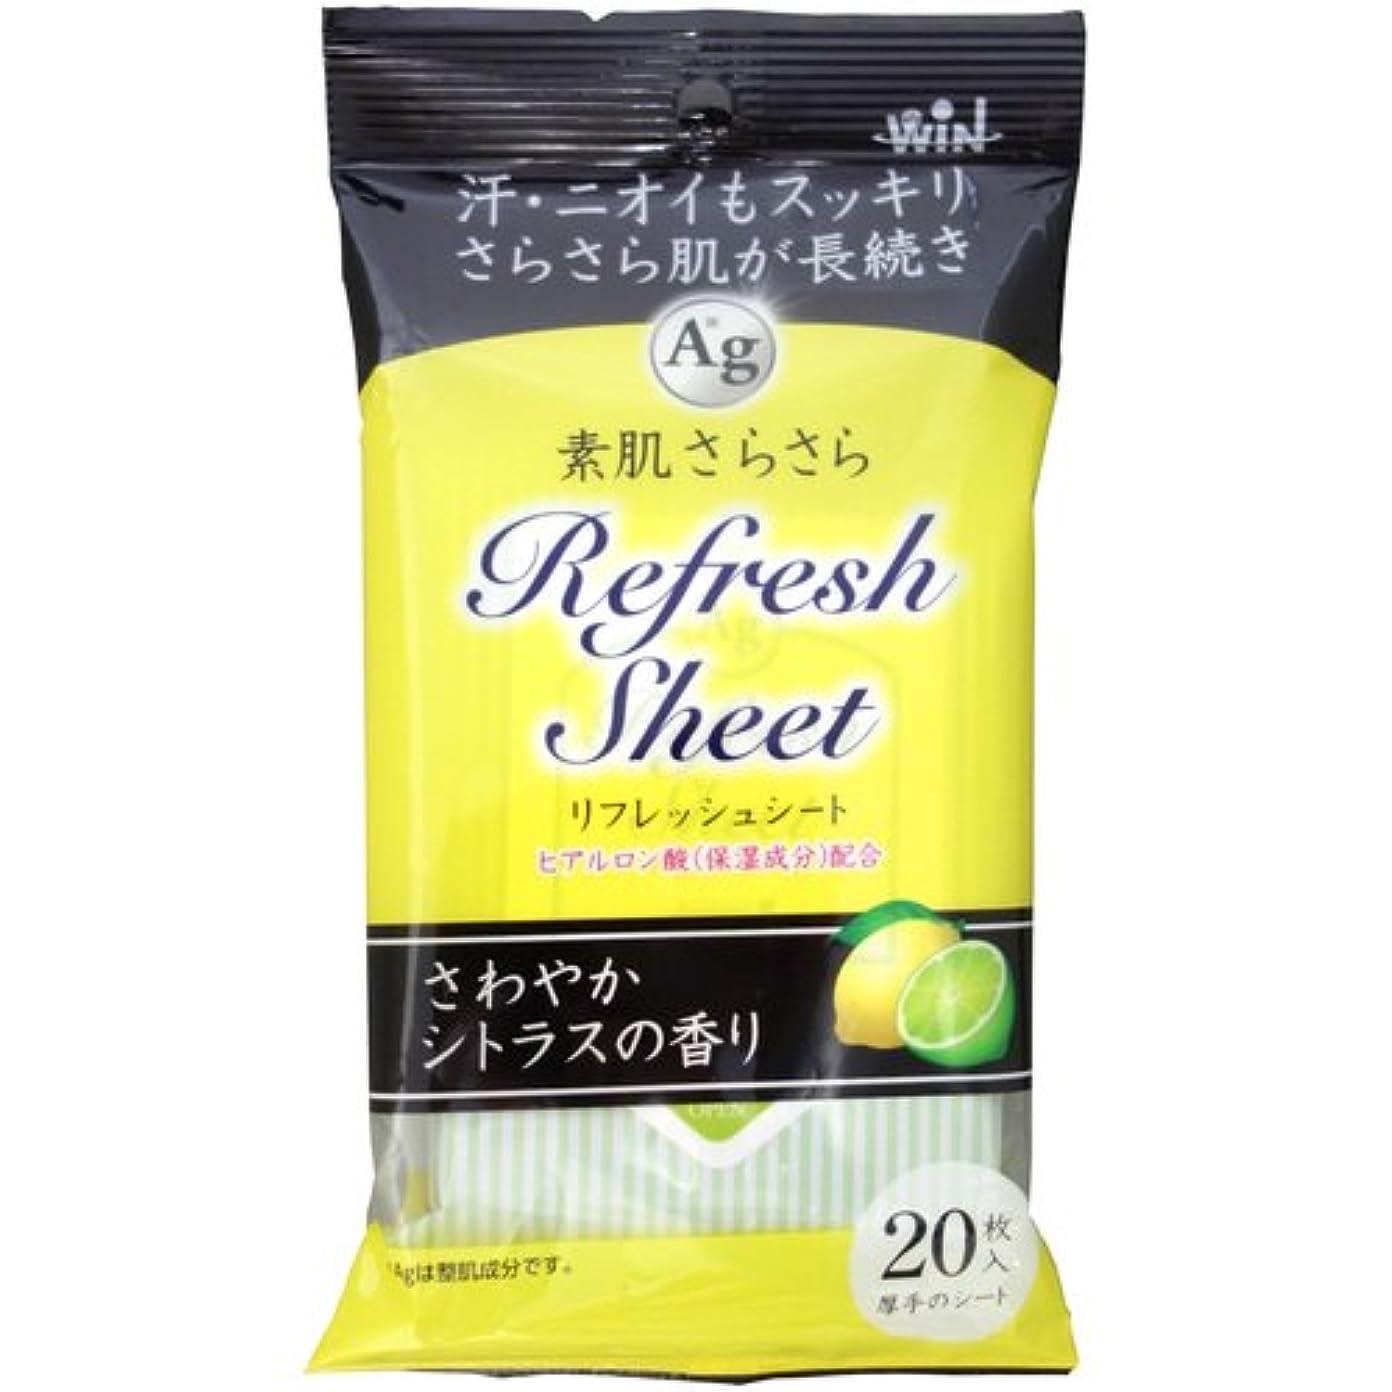 日付付き流用する怒って素肌さらさらリフレッシュシートCF さわやかシトラスの香り 20枚(84mL)